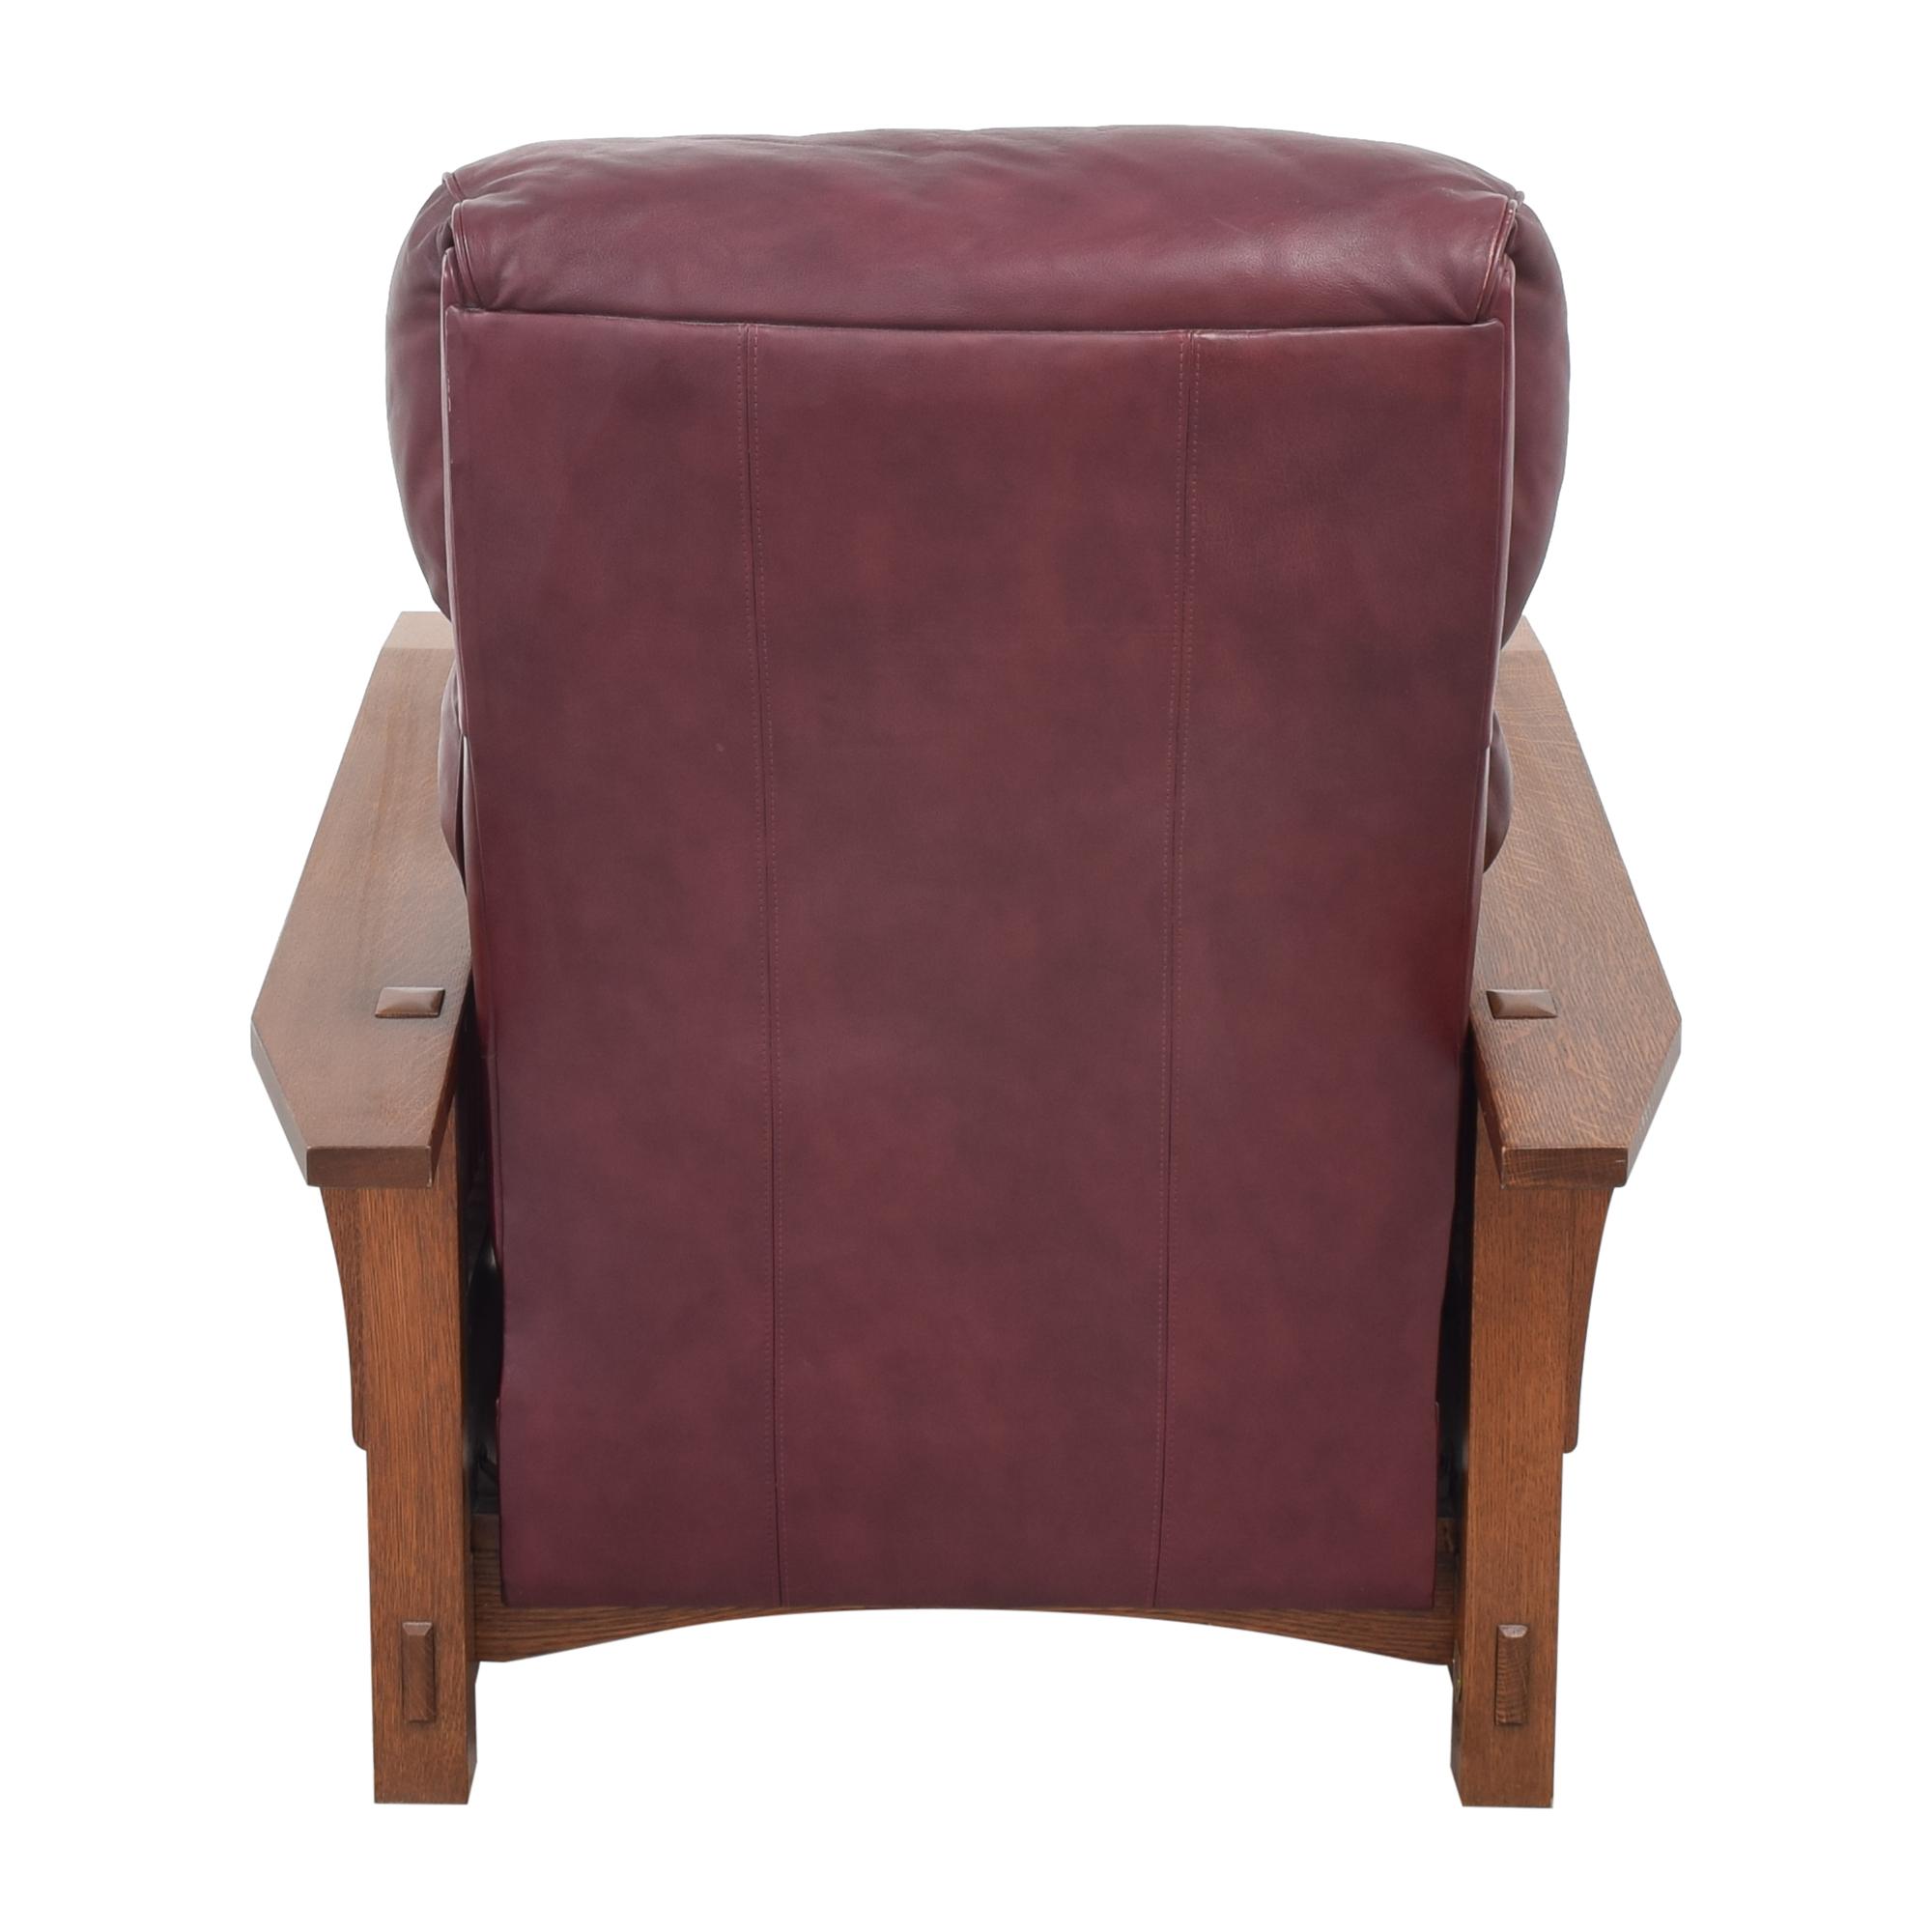 Stickley Spindle Morris Recliner Stickley Furniture